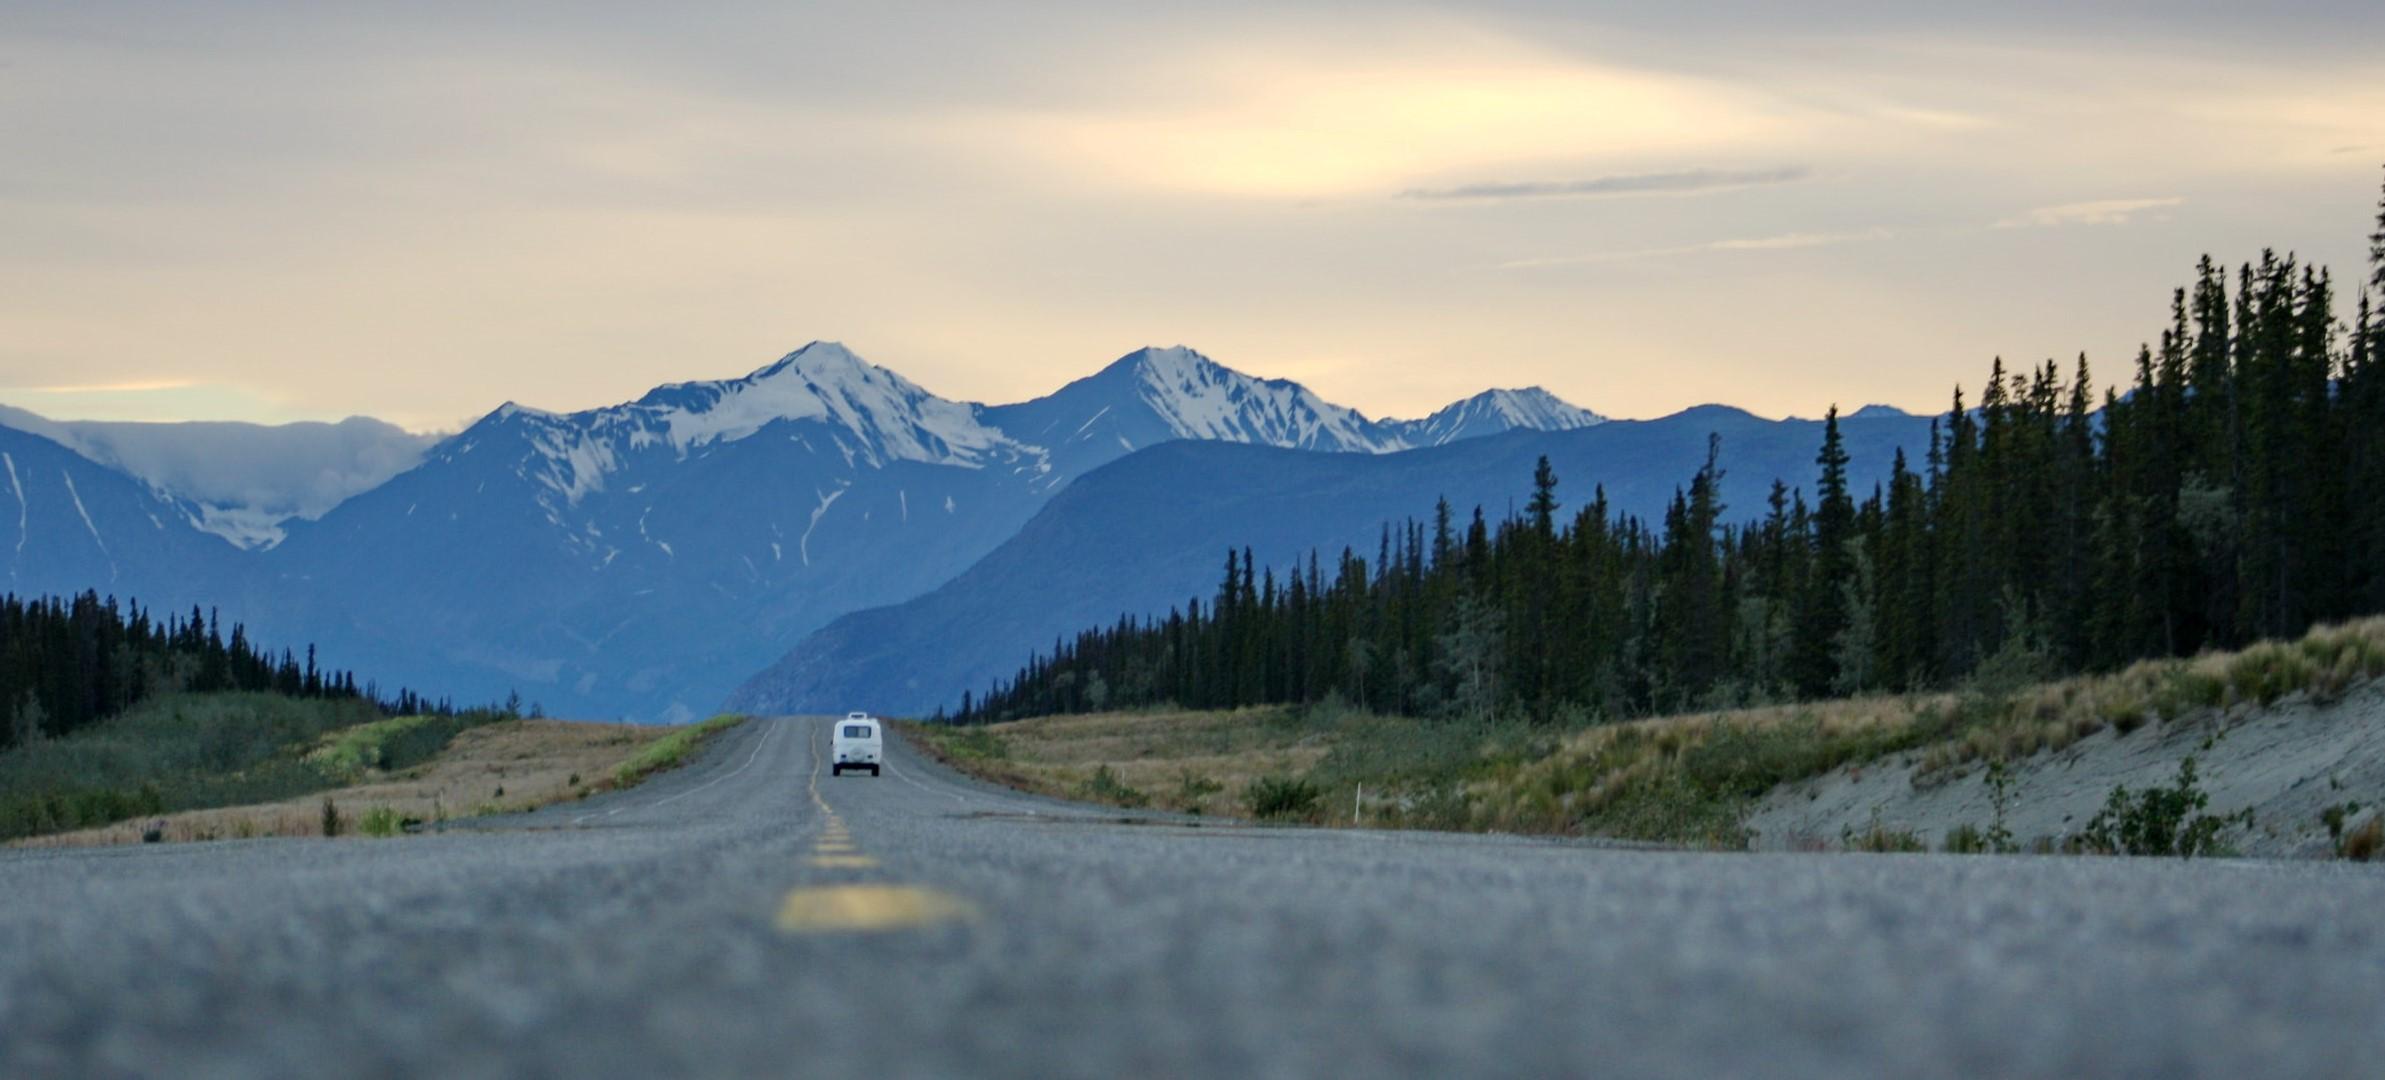 Car driving down a road toward a snowy mountain range